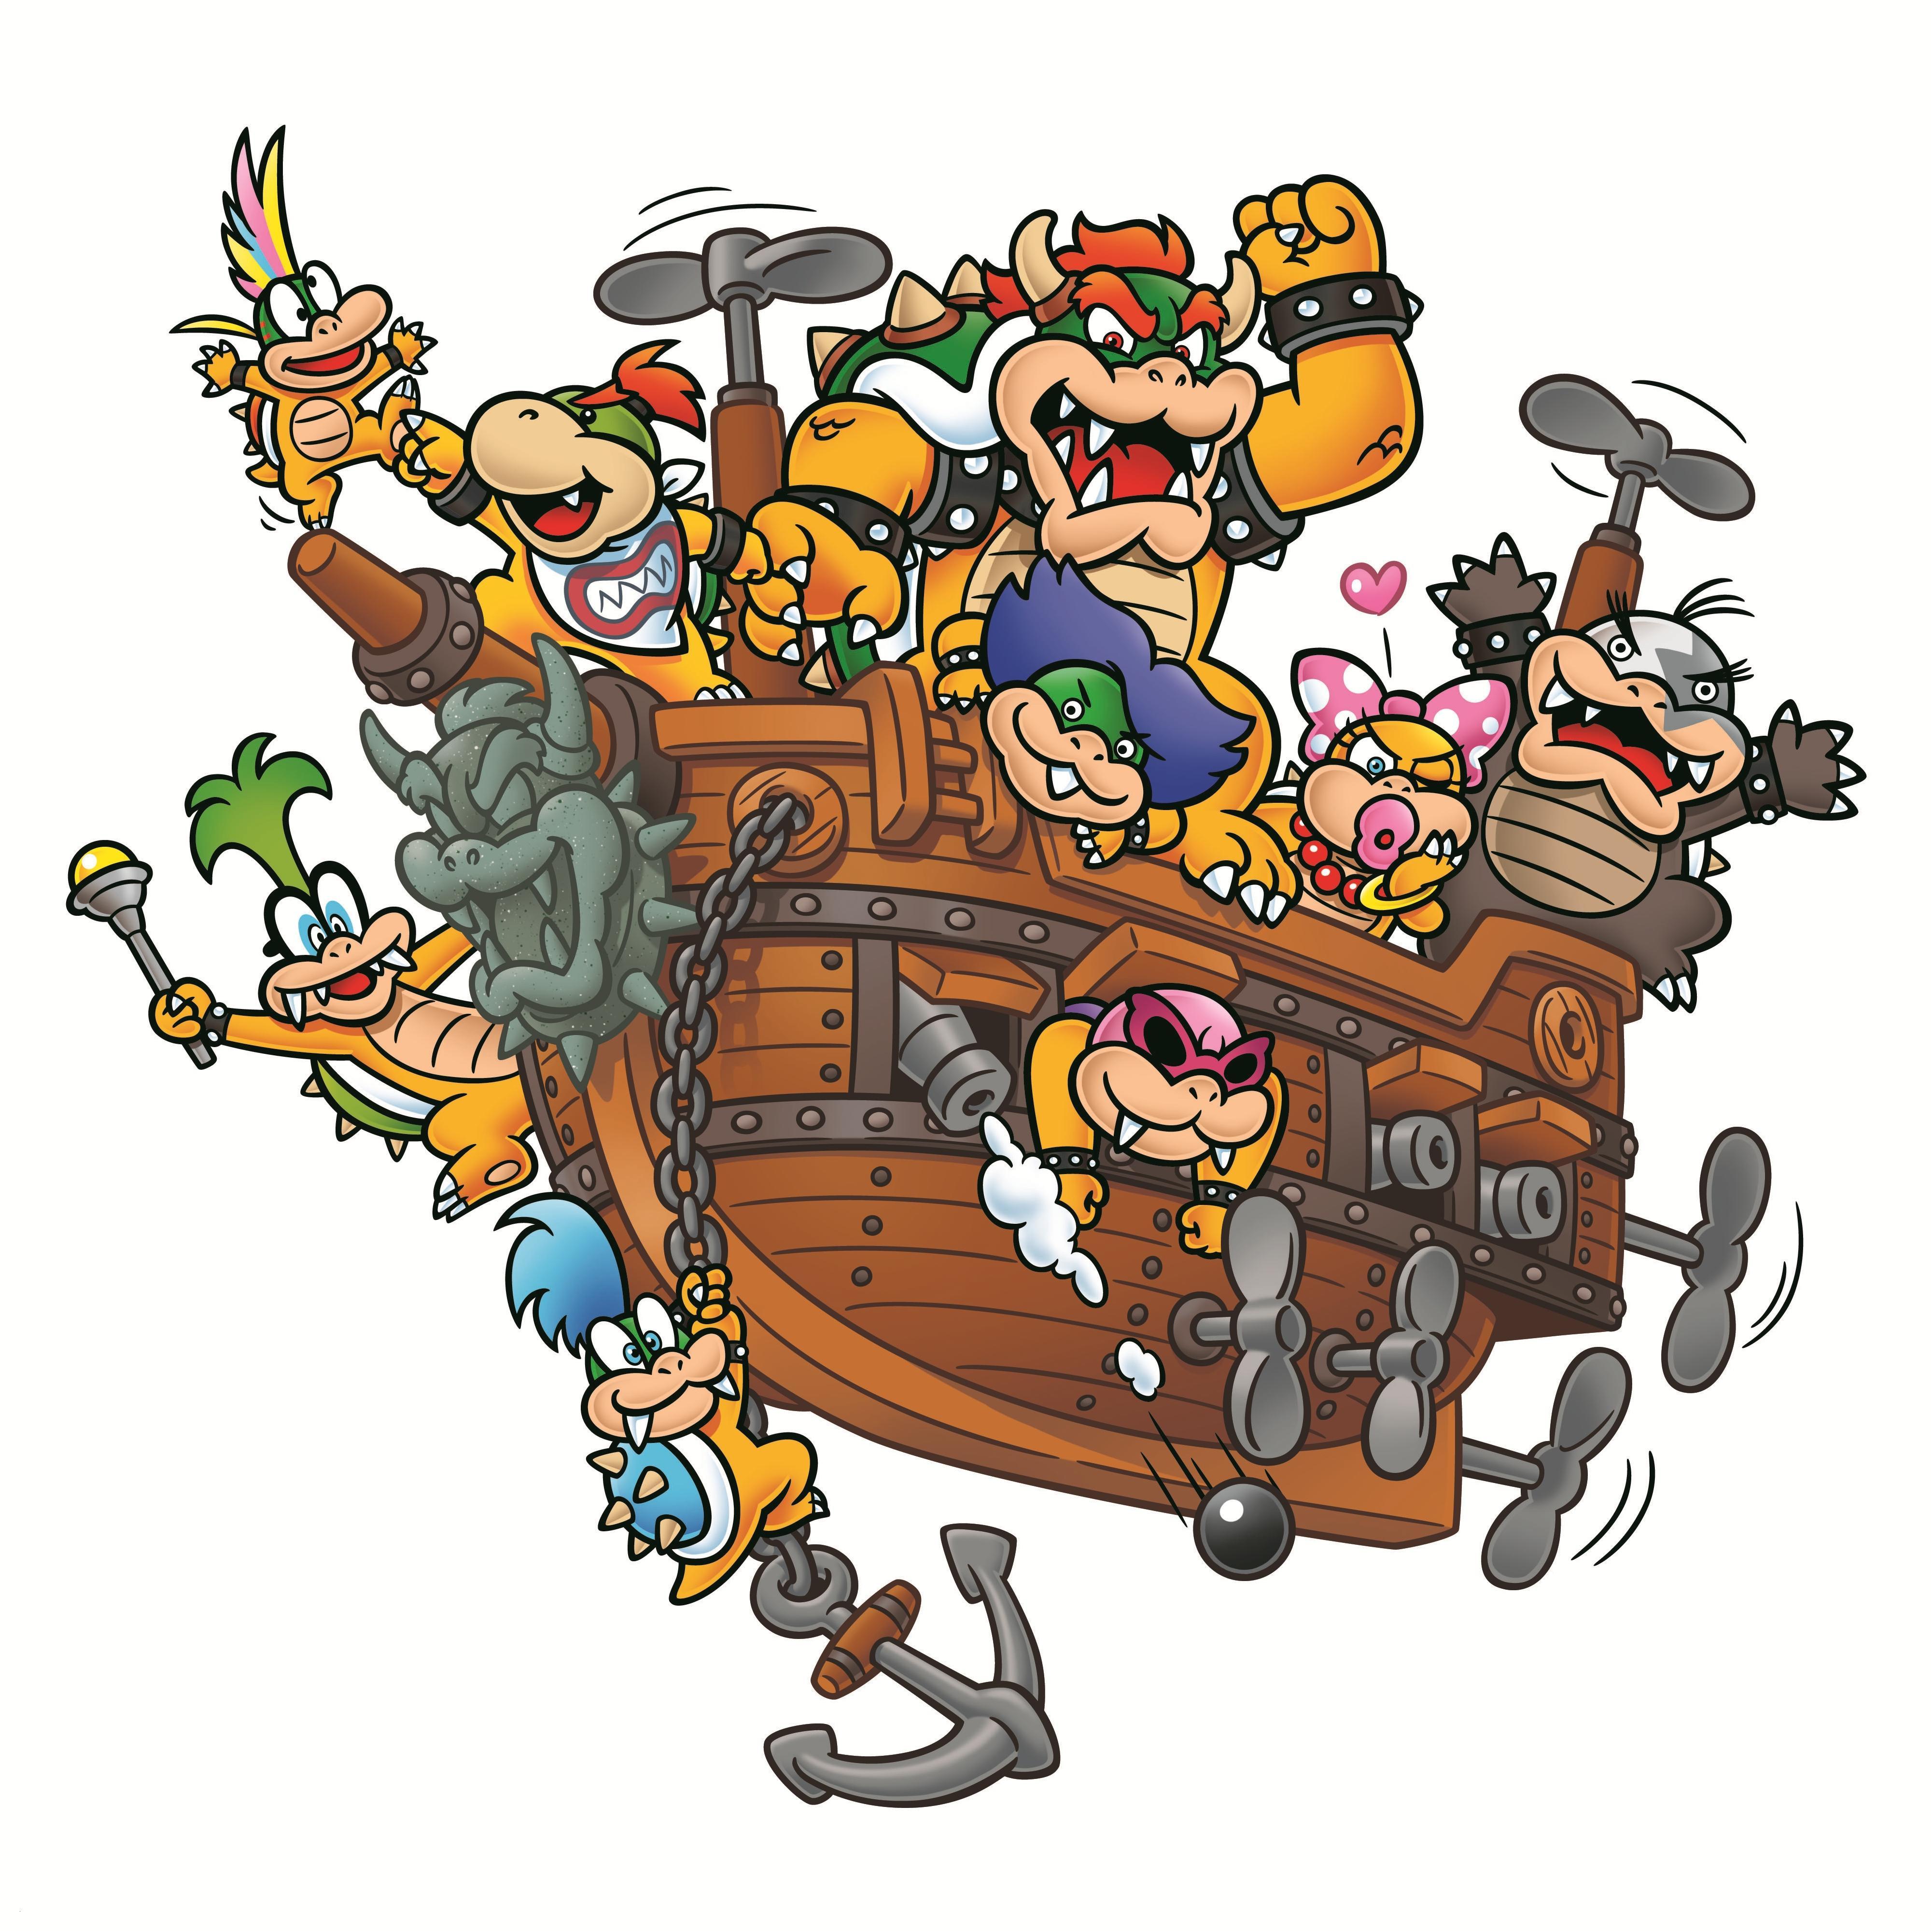 Malvorlage Super Mario Das Beste Von Koopa Mariowiki Schön Ausmalbilder Super Mario Bowser Bilder